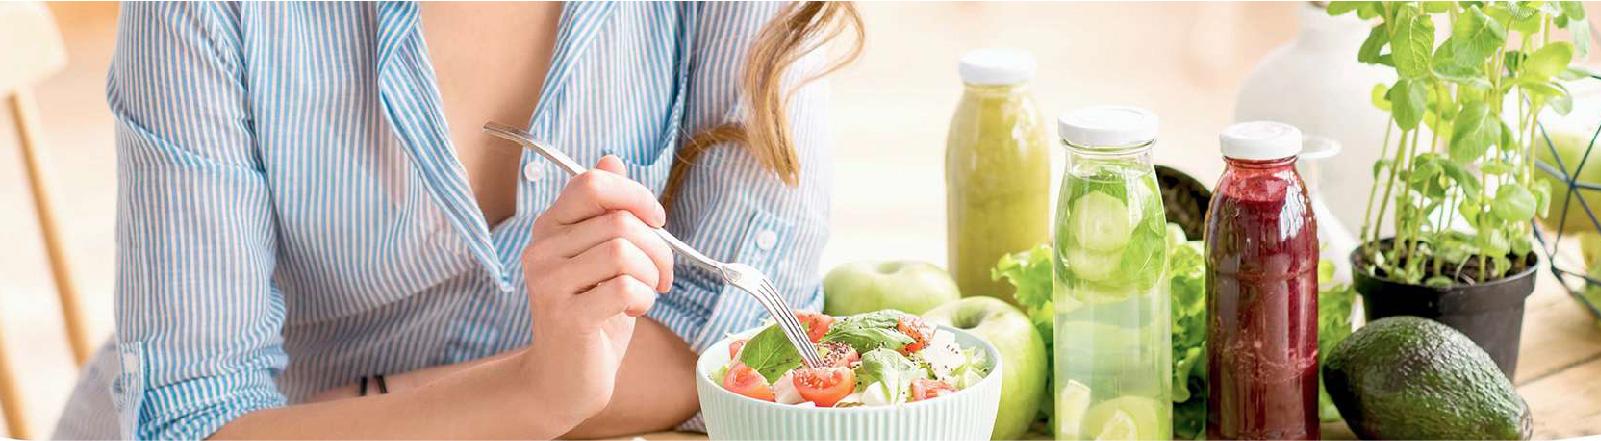 tratamientos nutricionales